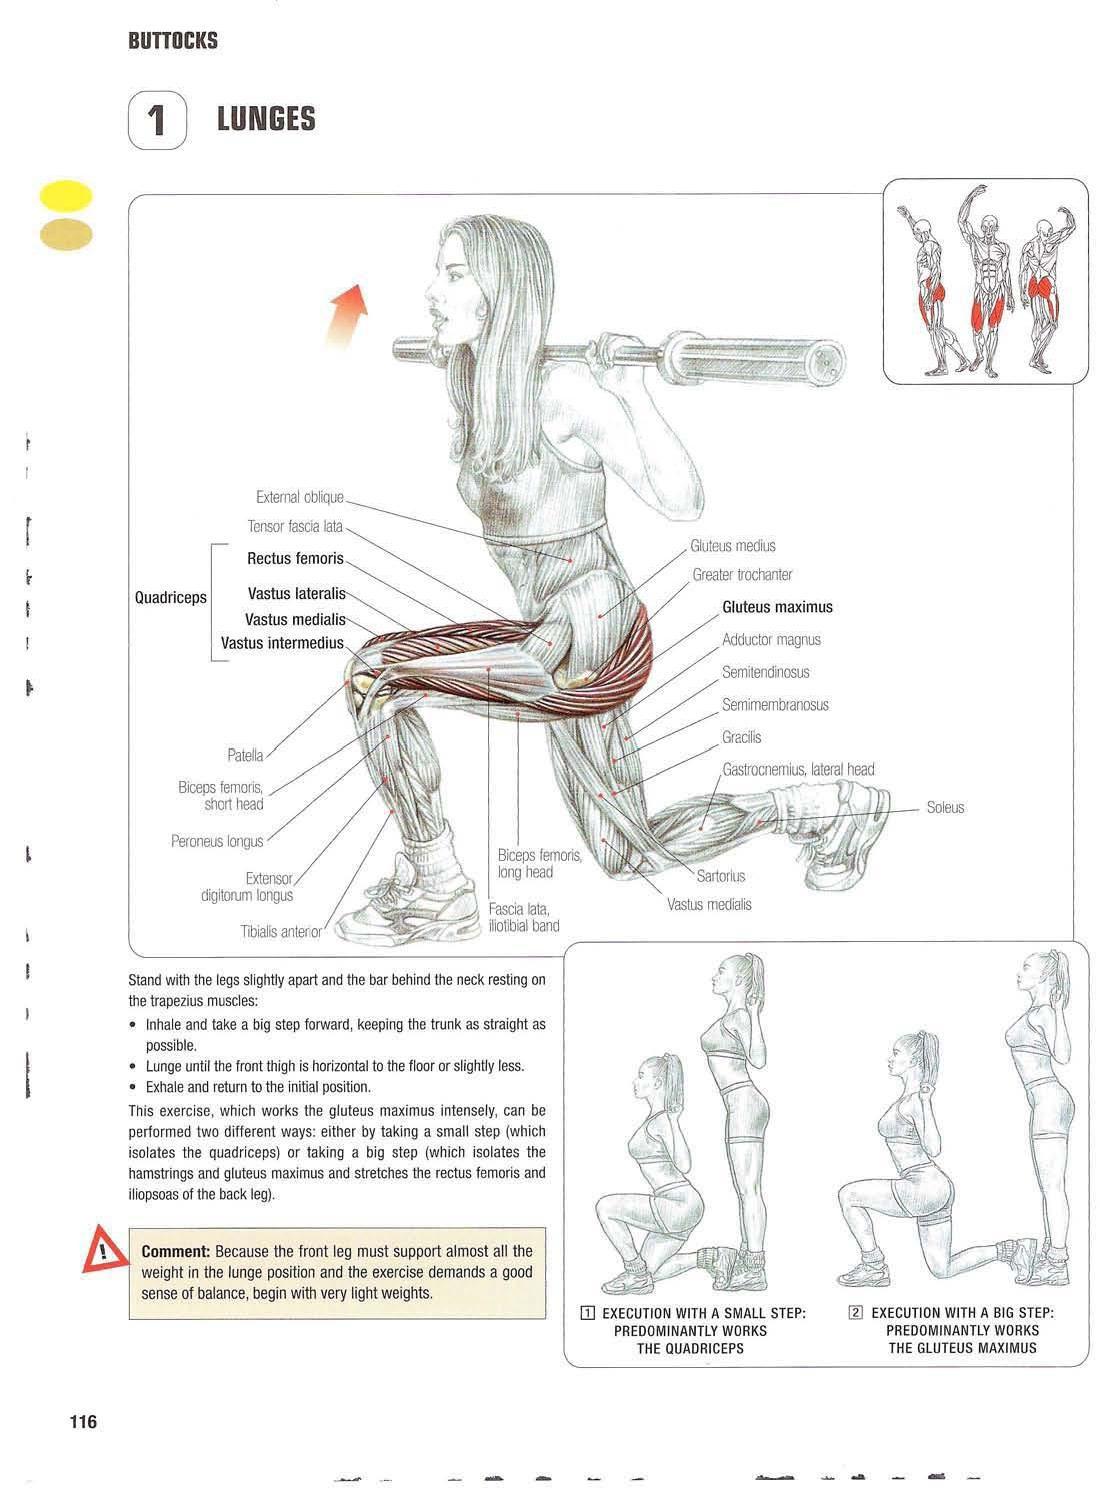 Colorful Anatomy Of The Buttocks Frieze - Anatomy Ideas - yunoki.info